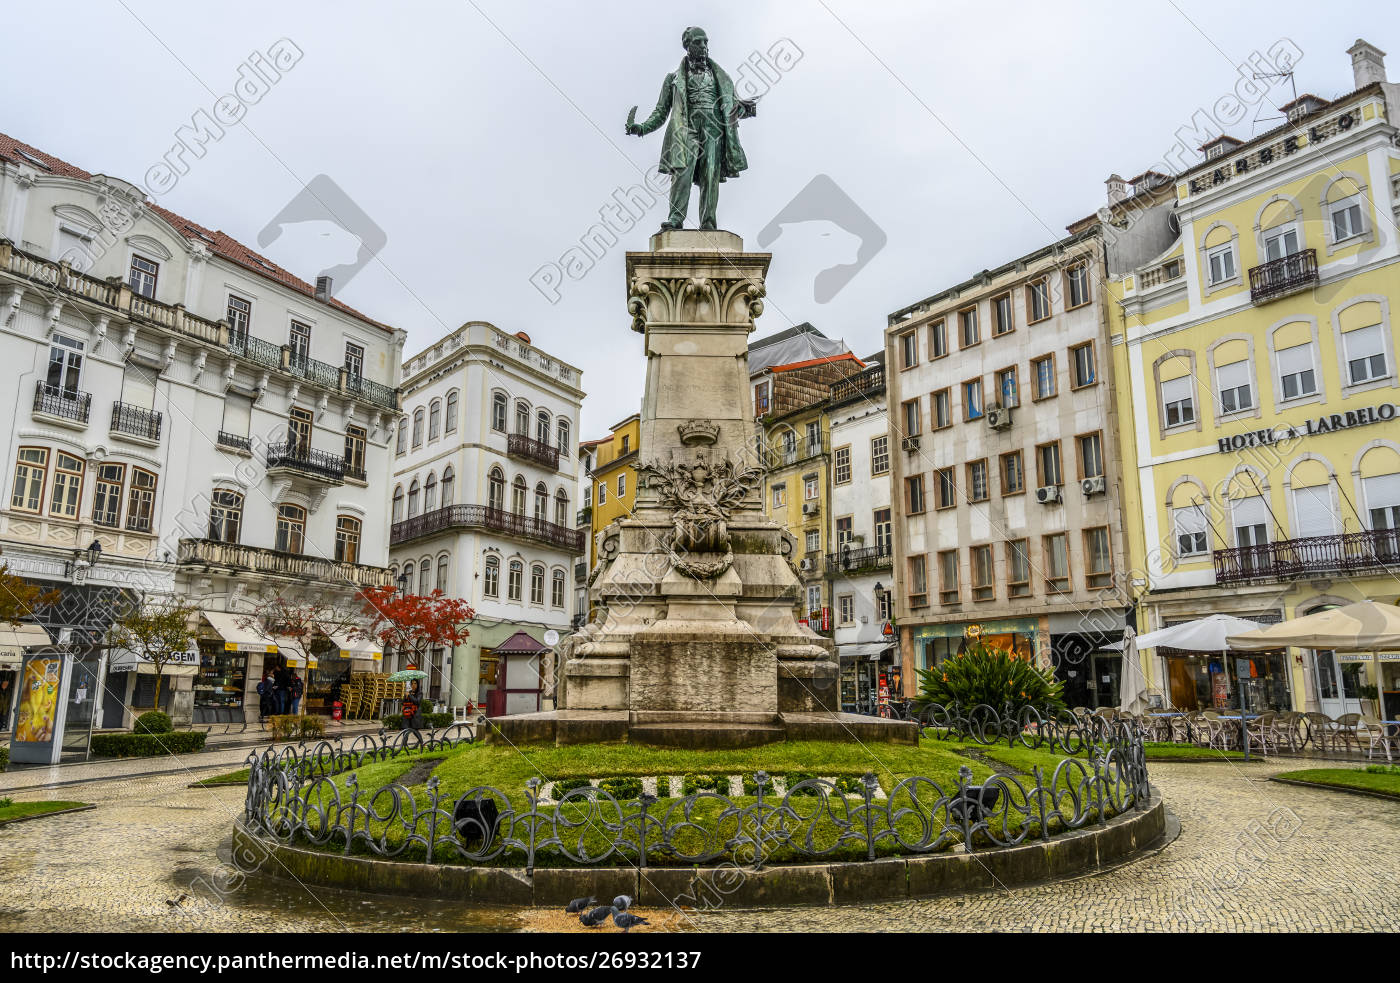 statue, von, joaquim, antonio, de, aguiar; - 26932137